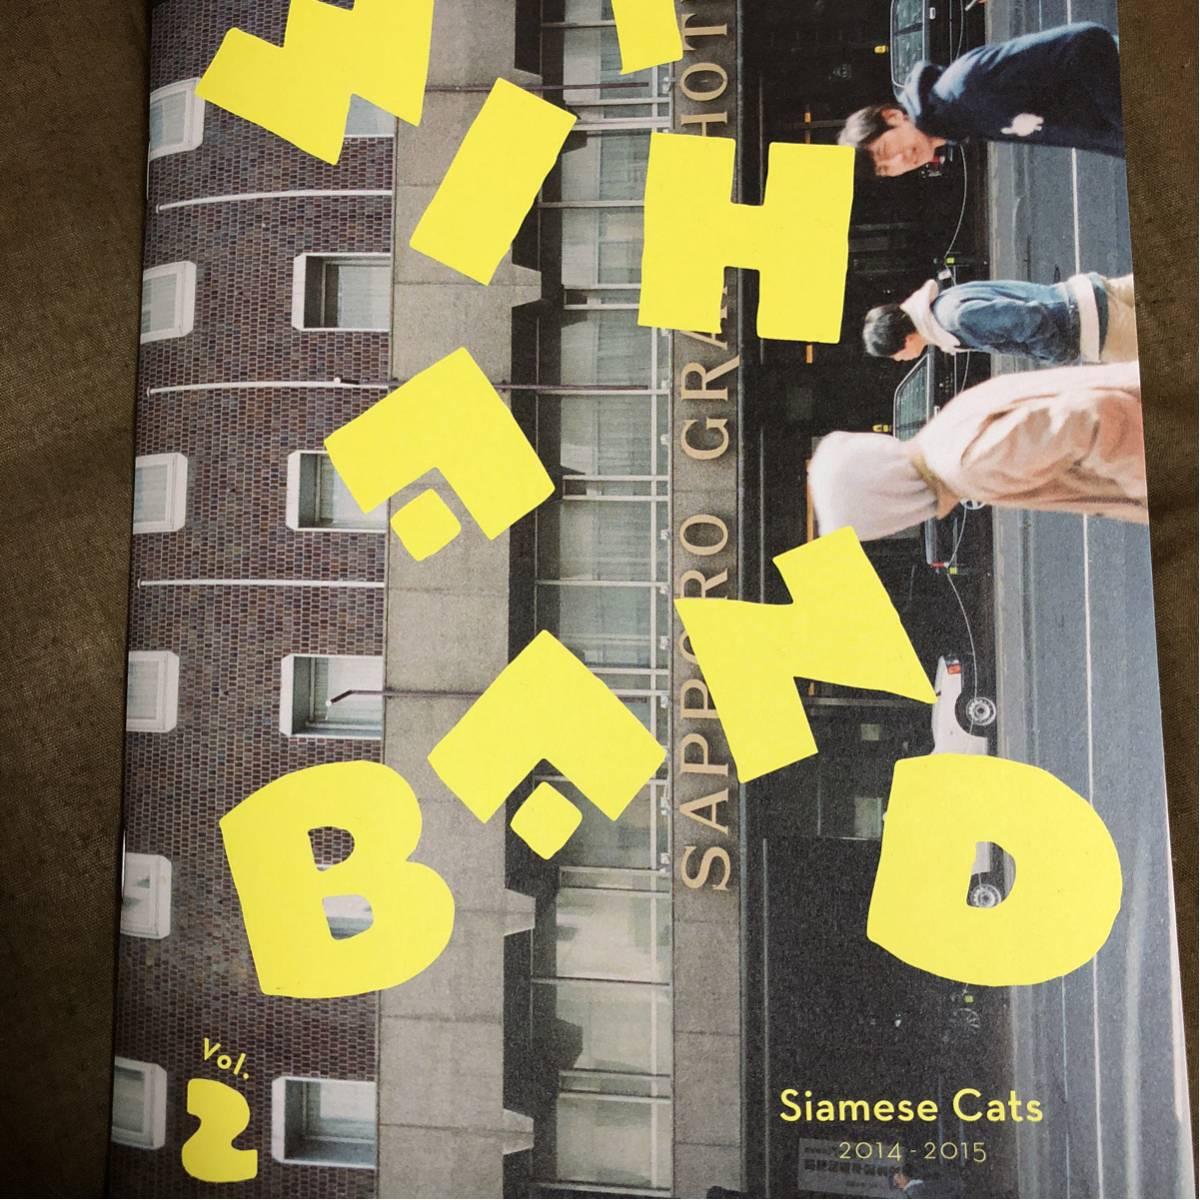 シャムキャッツ_PHOTO BOOK WITH A BAND 2 2014-2015